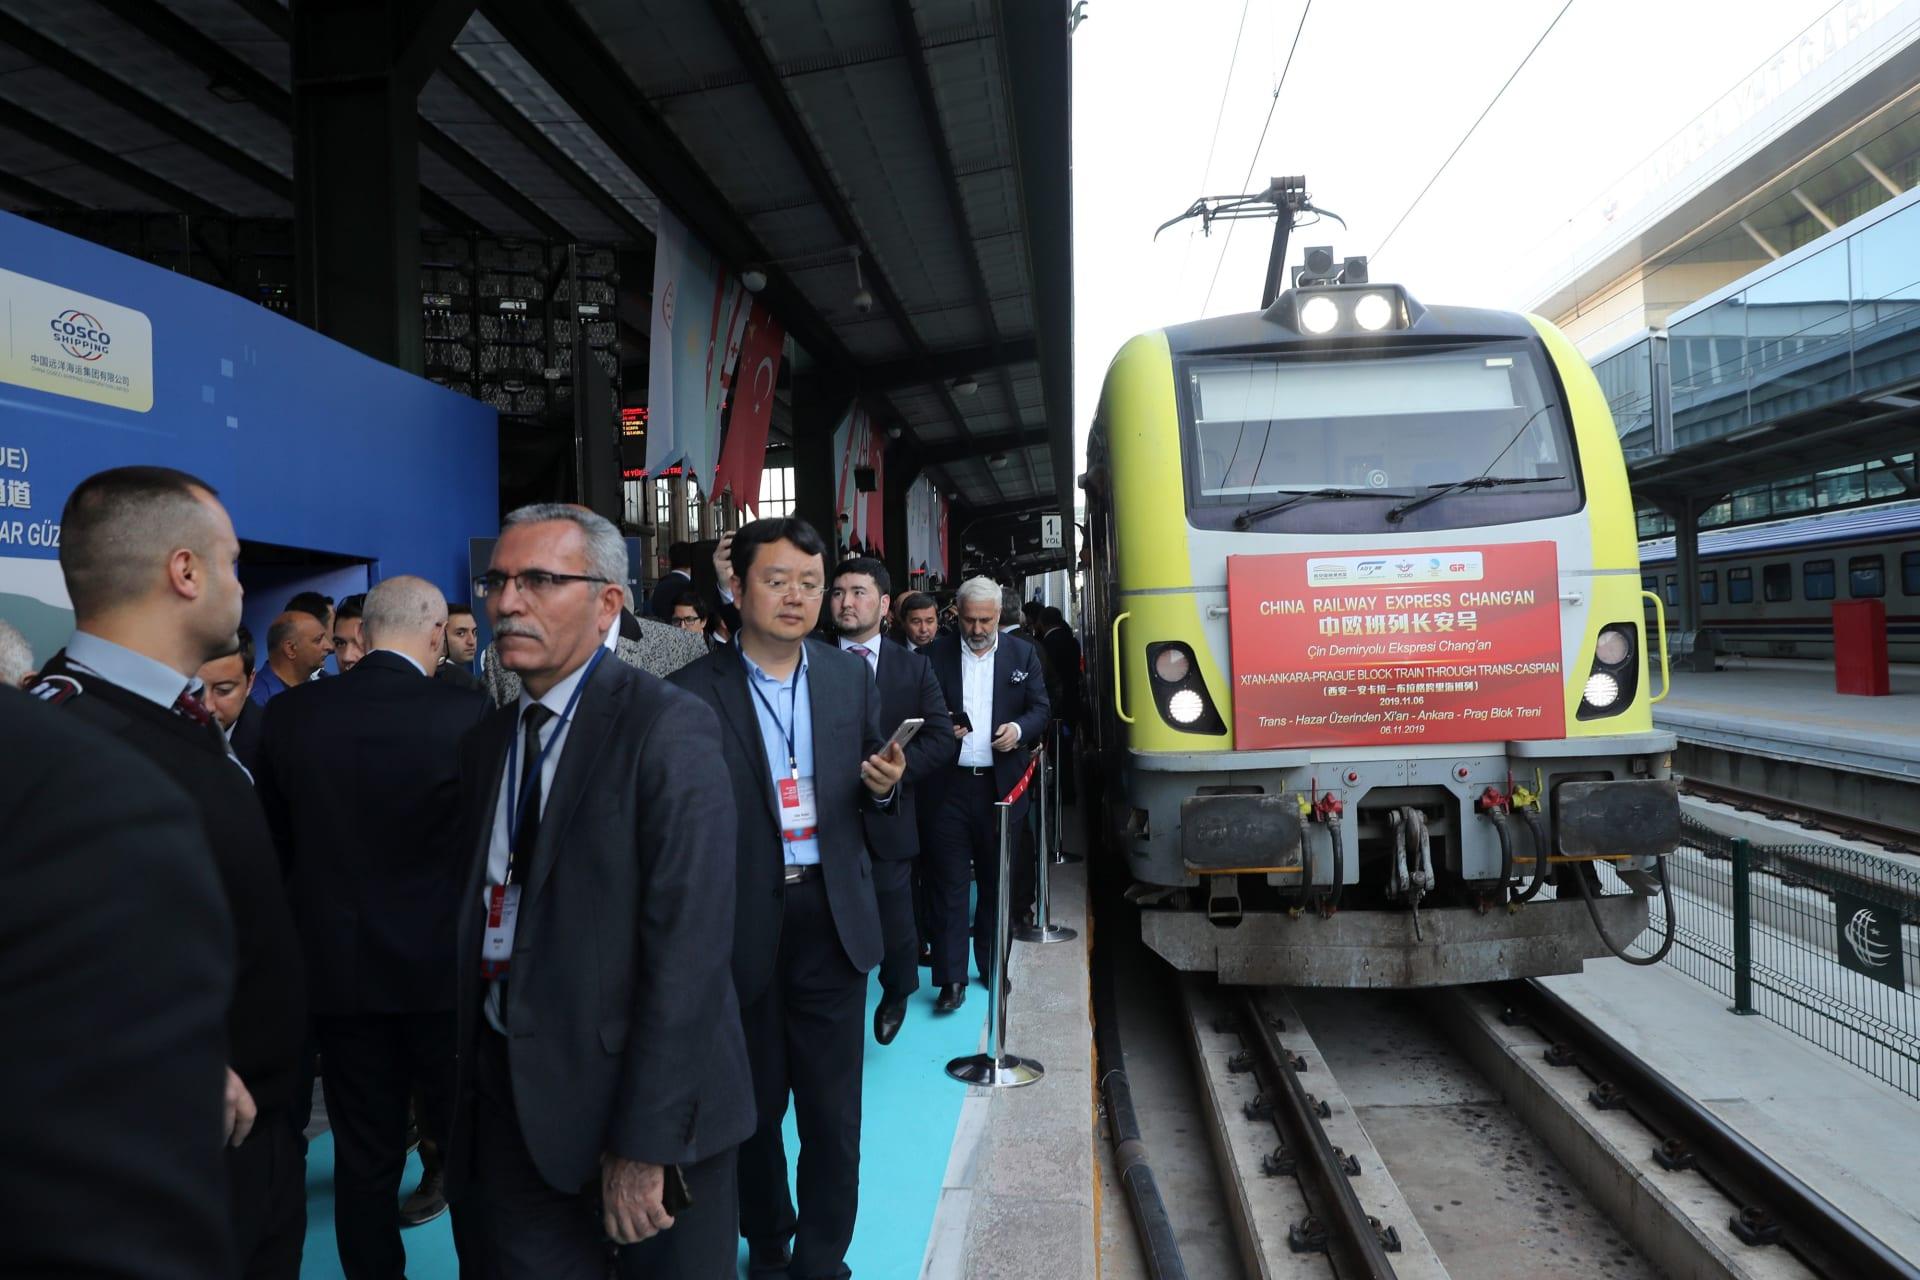 يعبر قارتان وبحران و5 دول.. انطلاق أول قطار شحن بضائع من تركيا إلى الصين